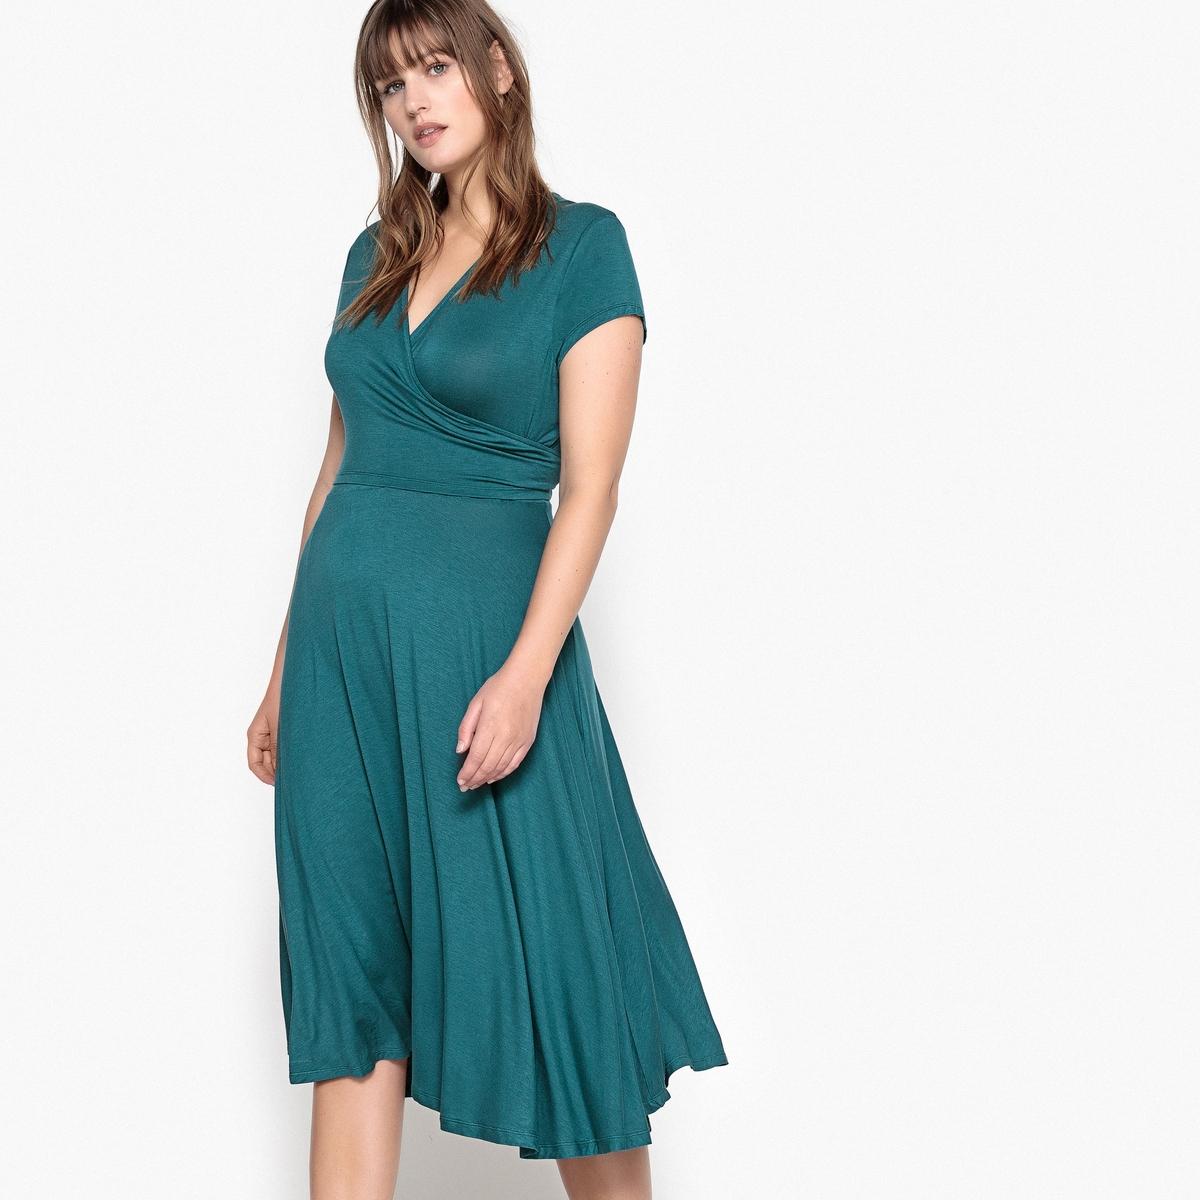 Платье с поясом длиной до колен буэнос ниньос пояс оформлены юбку карандаш с коротким рукавом платье длиной до колен